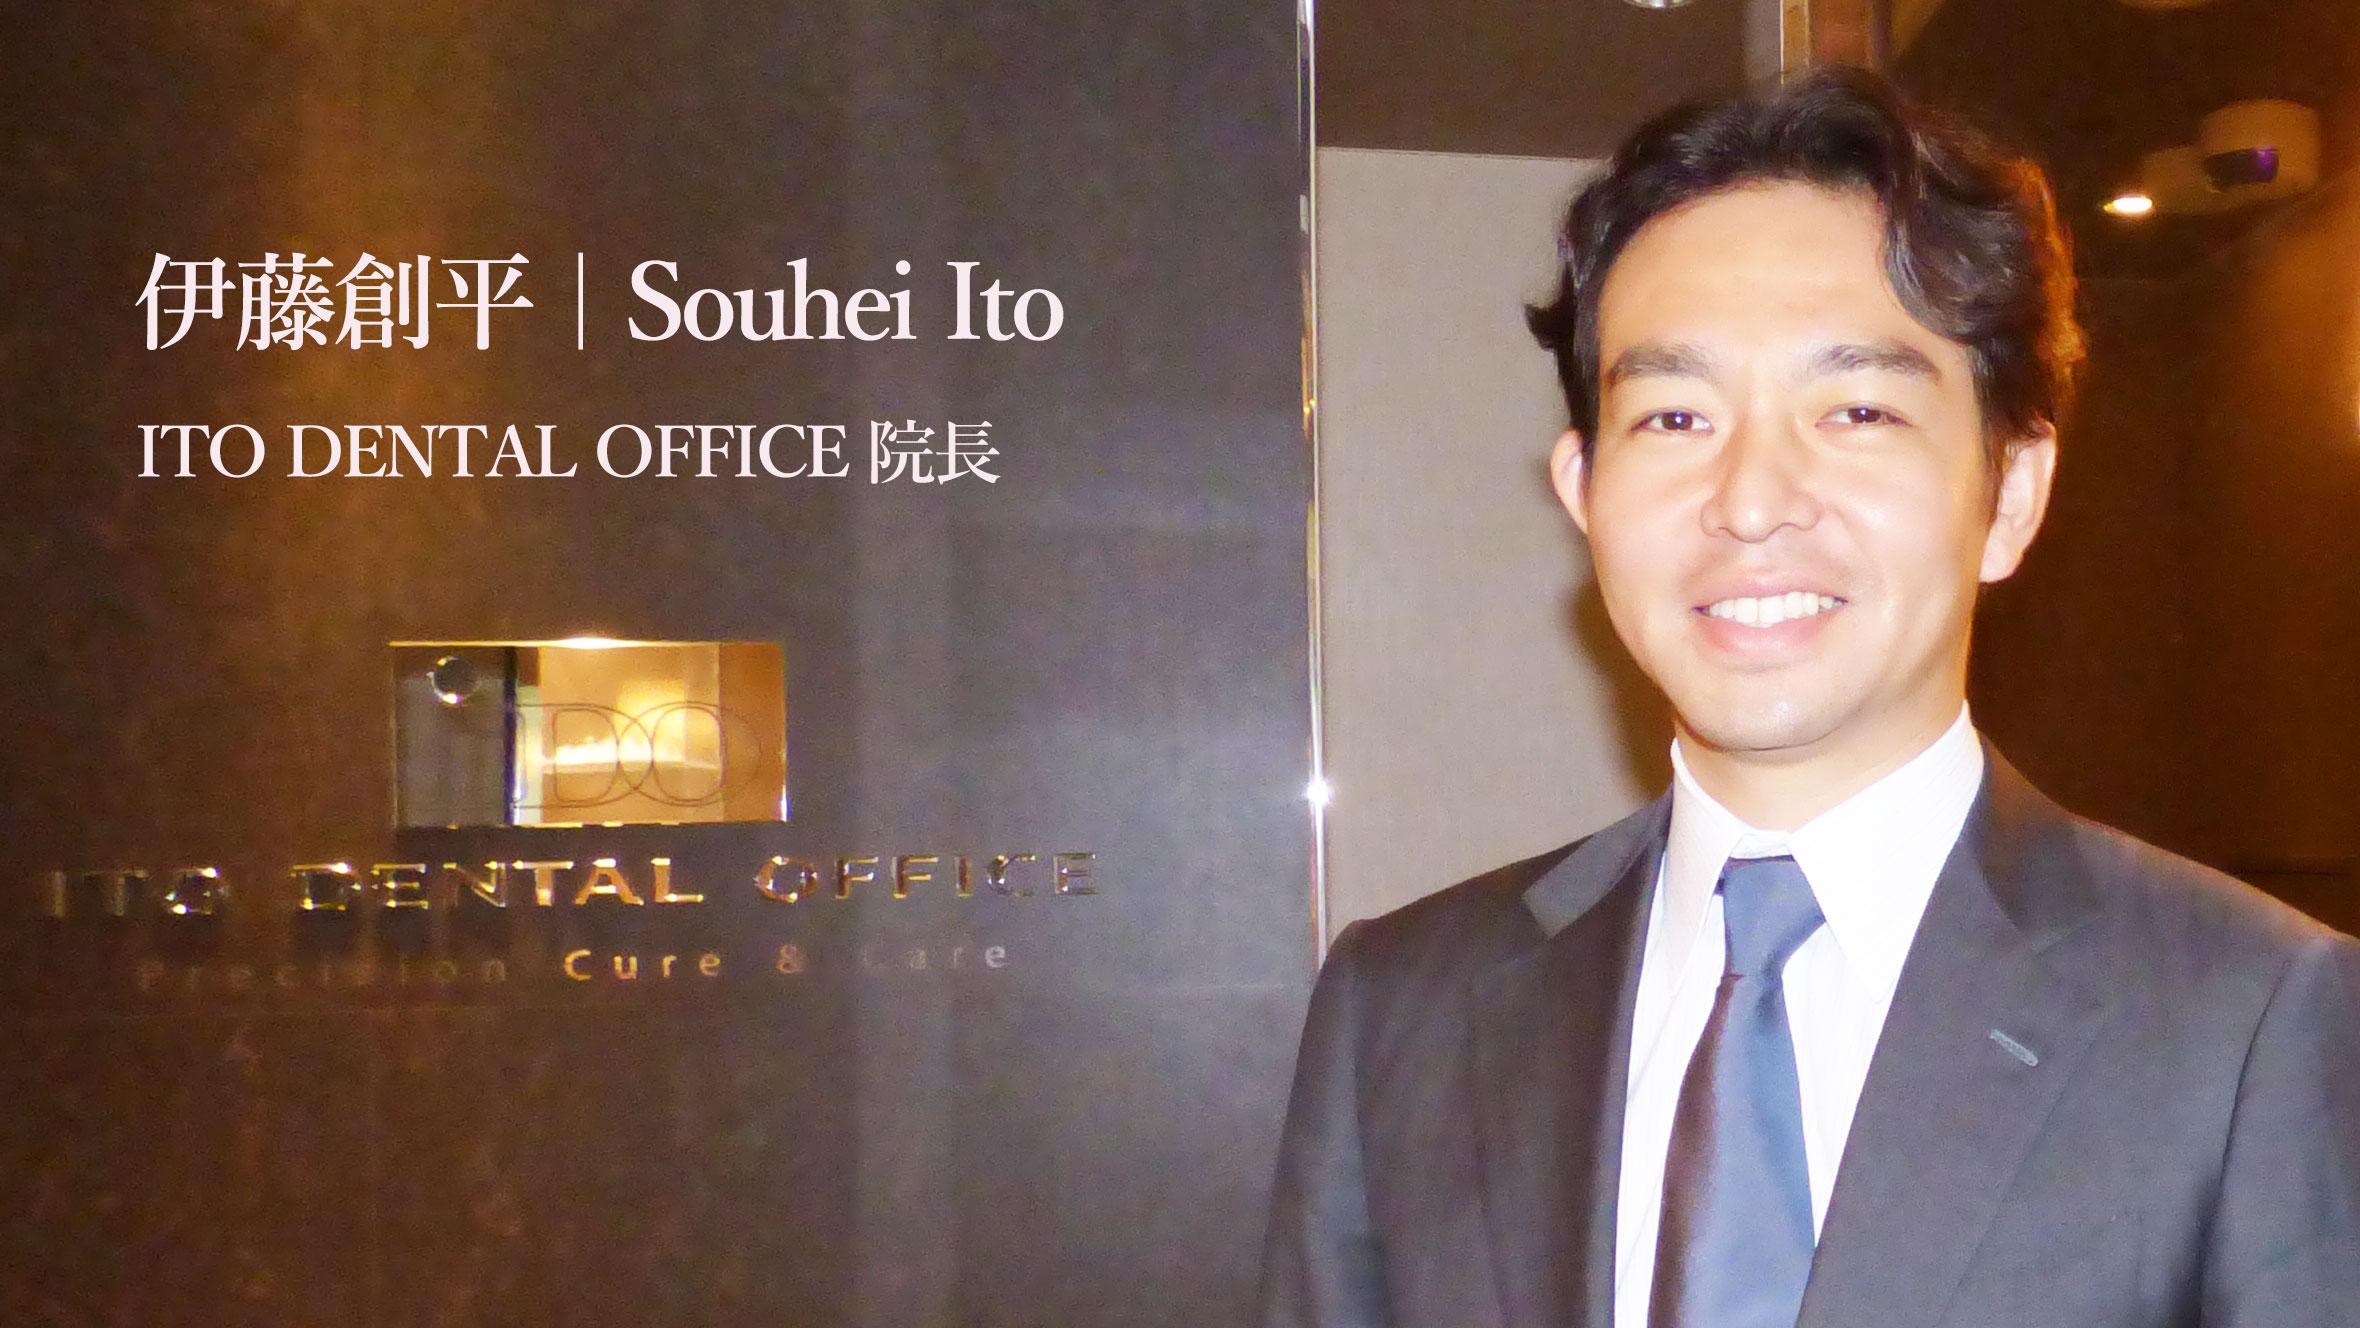 伊藤創平先生『歯科医療への情熱、葛藤した日々、そして今へ』の画像です